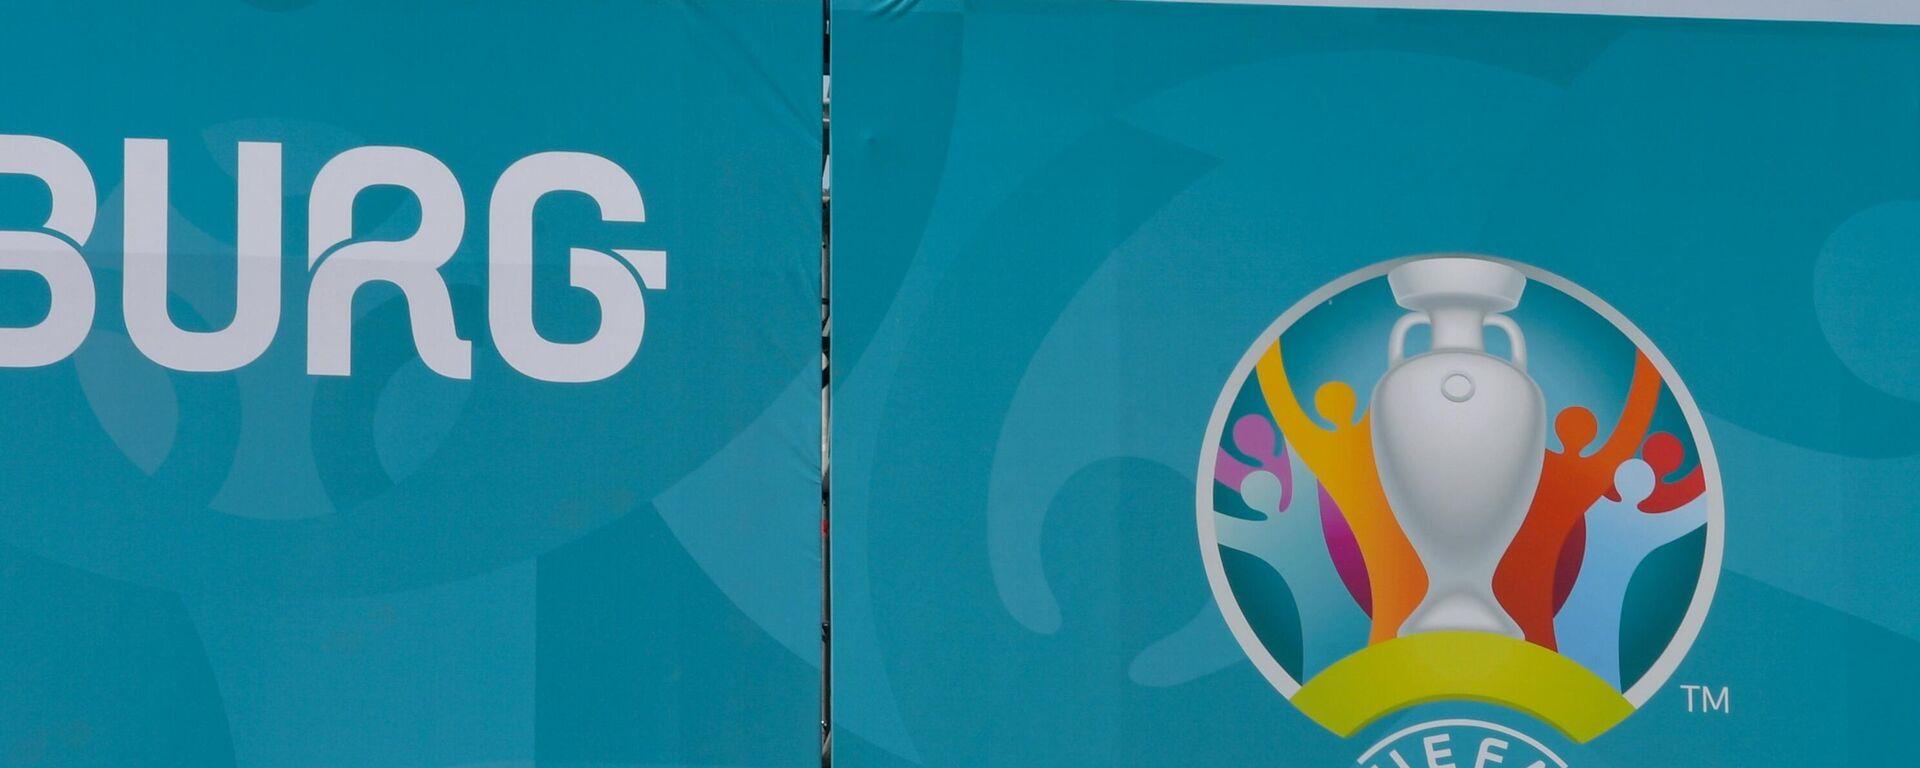 Монтаж сцены в футбольной деревне фестиваля UEFA EURO 2020 в Санкт-Петербурге. - Sputnik Латвия, 1920, 10.06.2021